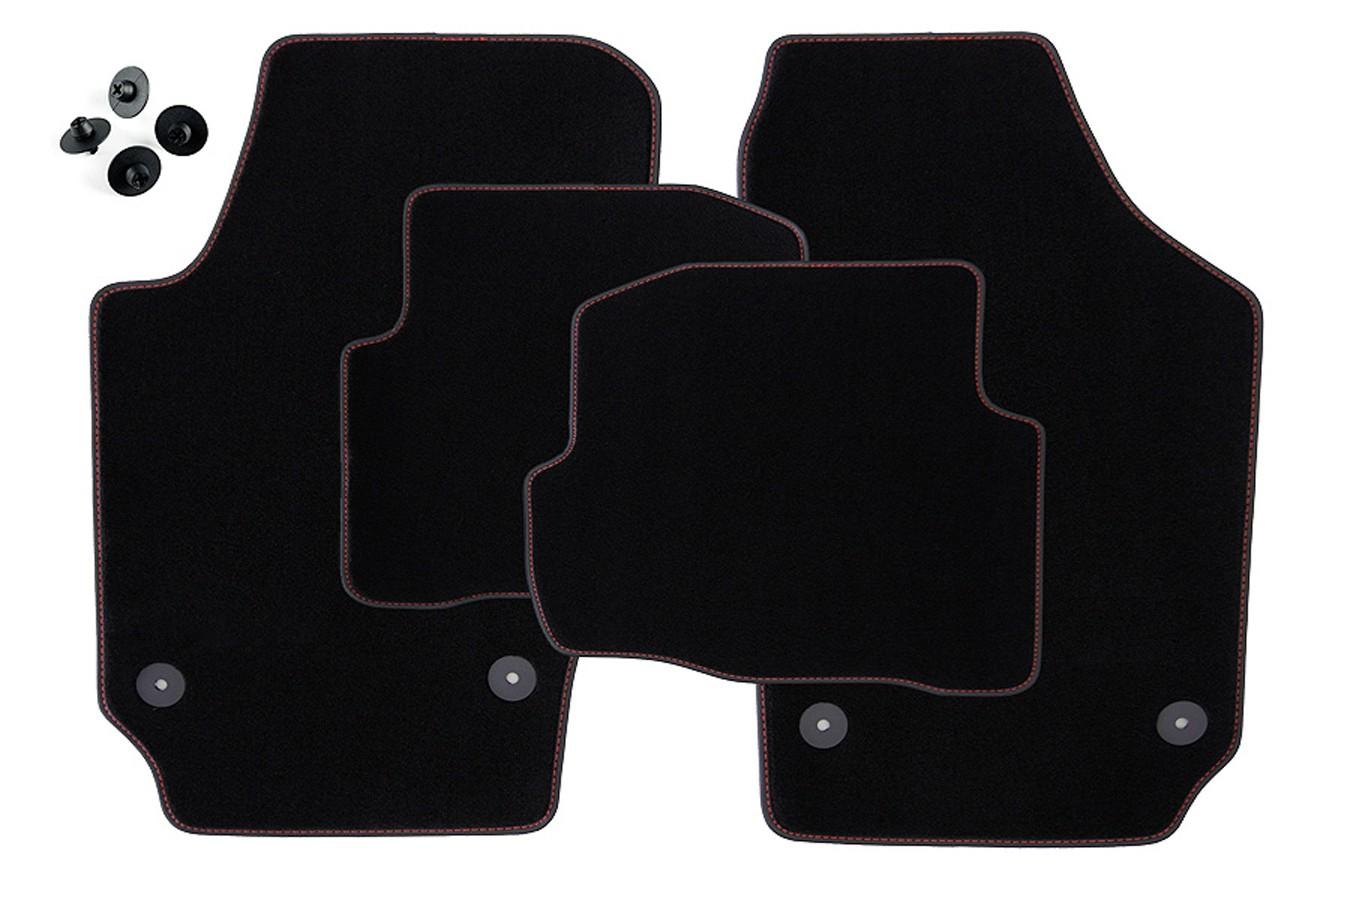 tapis de sol en hiver pour seat ibiza 6l ann e 2002 2008. Black Bedroom Furniture Sets. Home Design Ideas